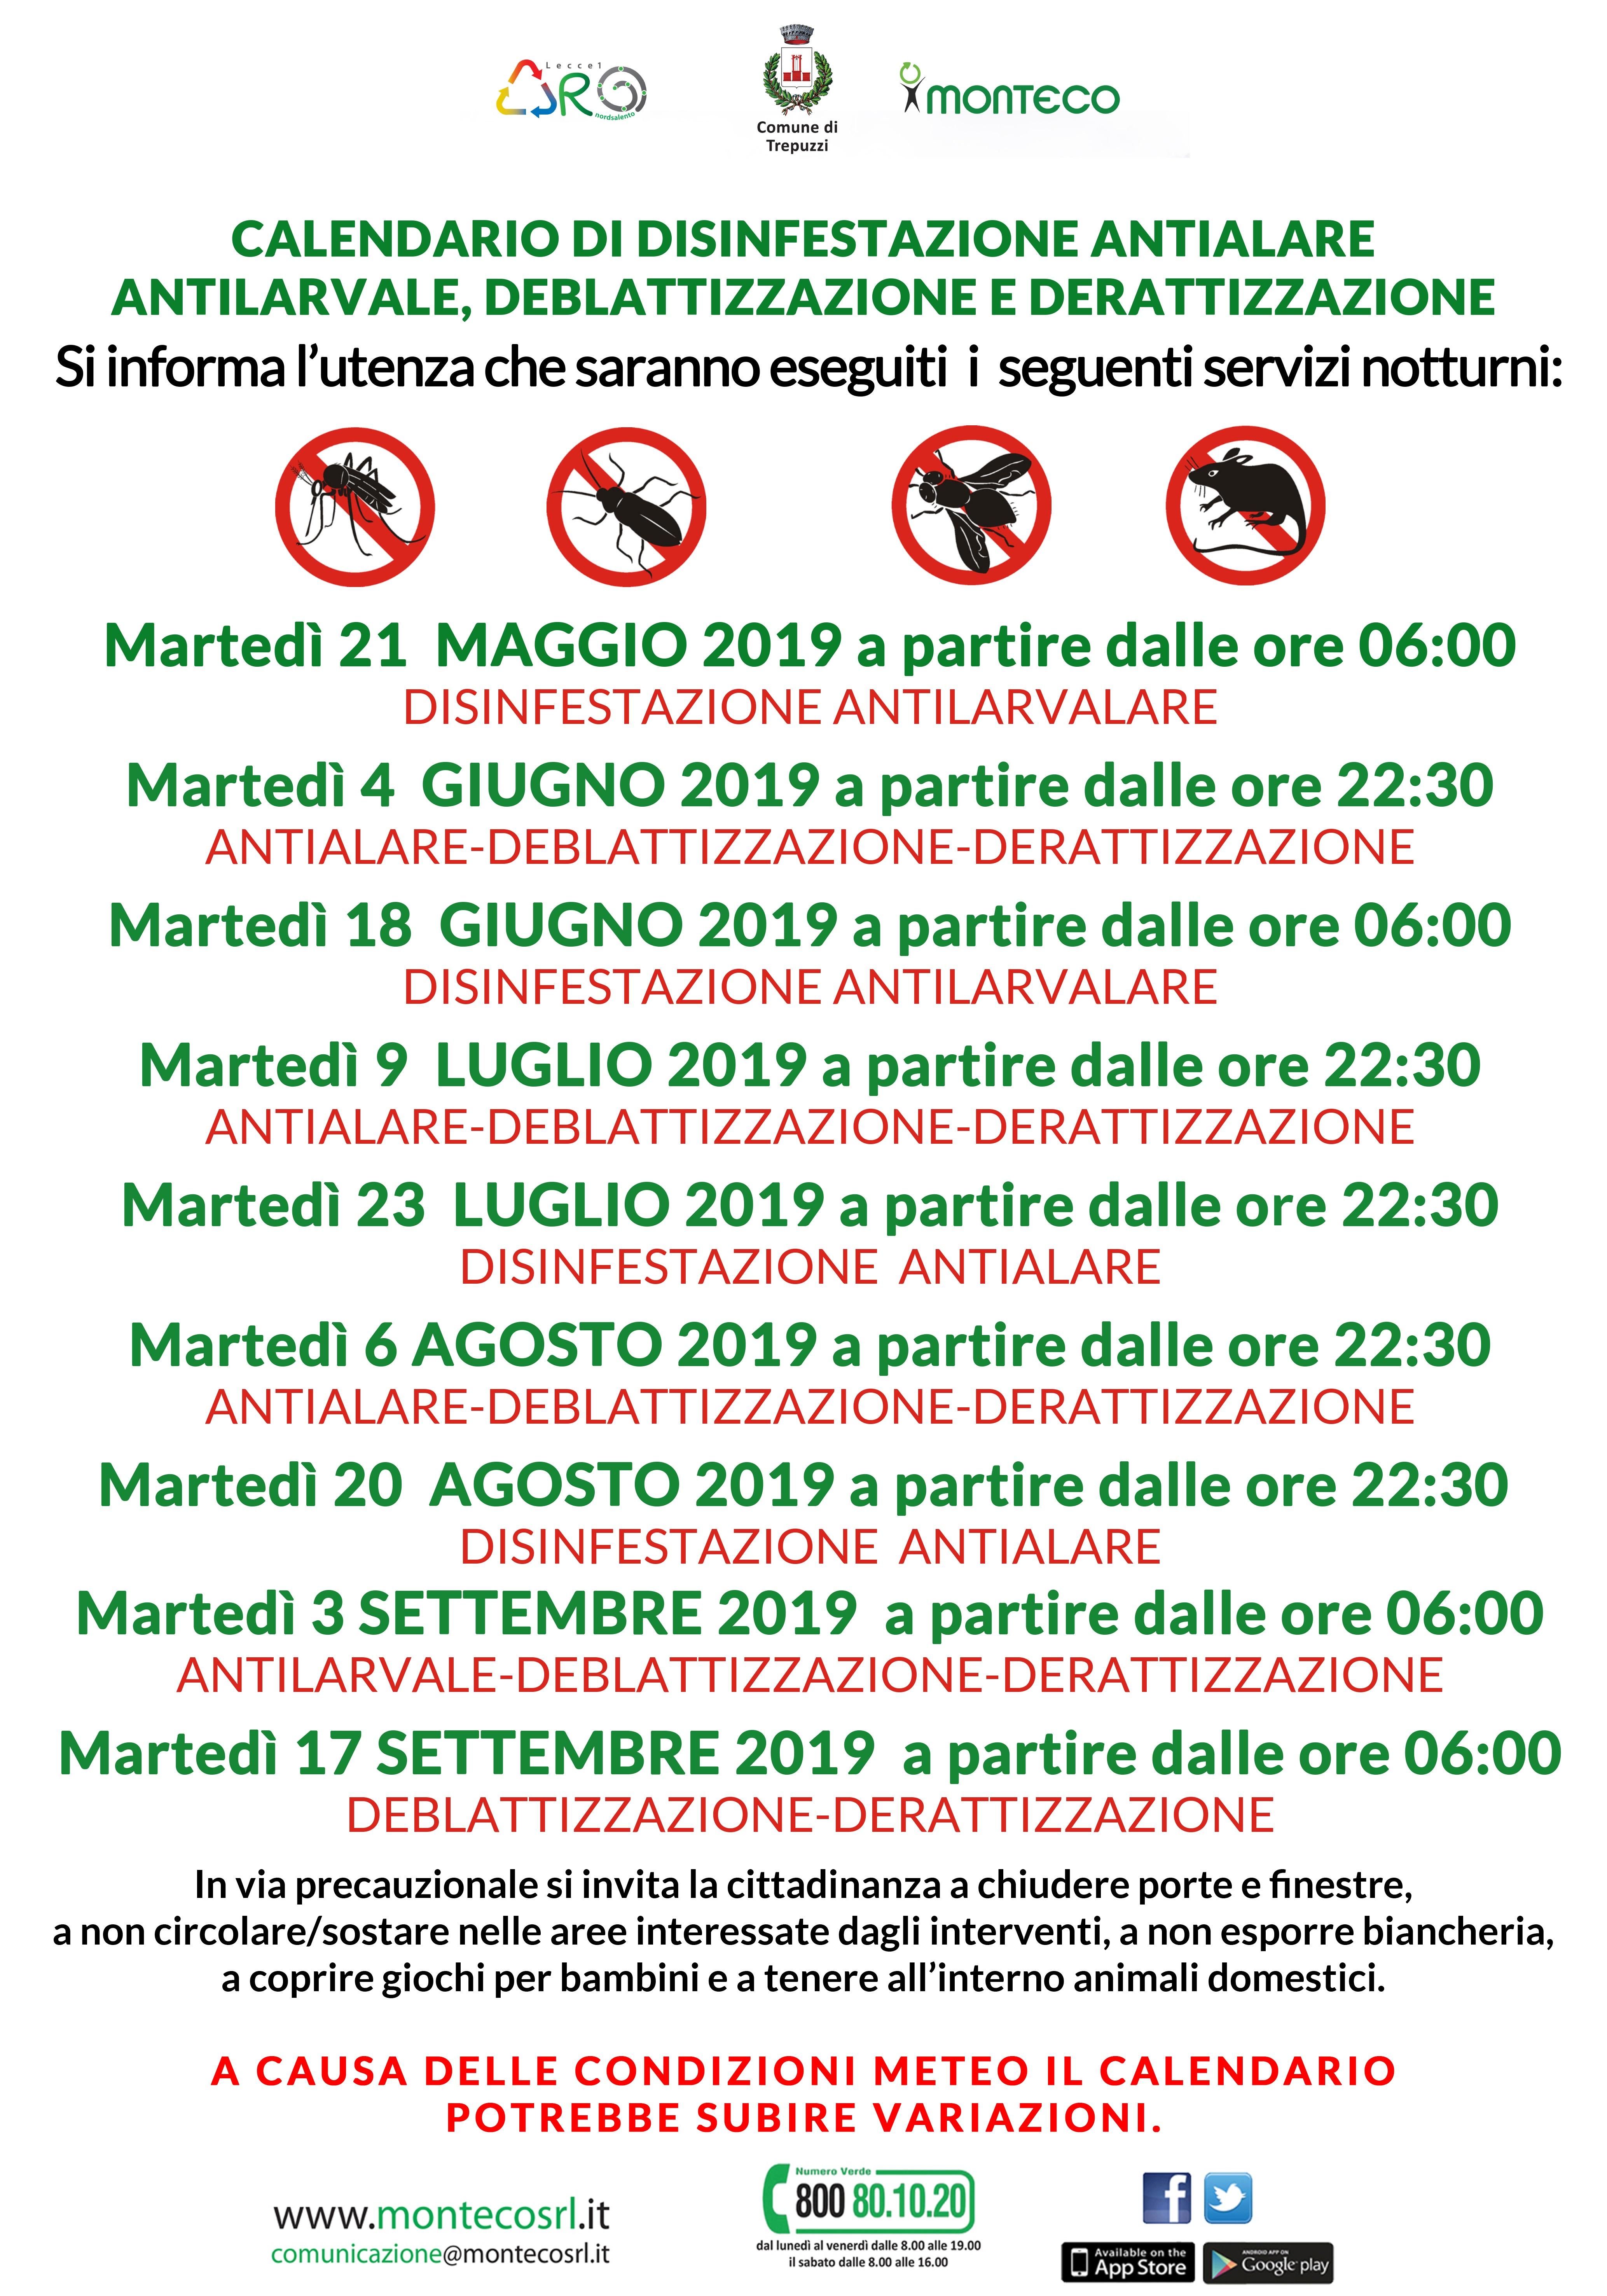 Trepuzzi - Calendario di disinfestazione antialare, deblattizzazione e derattizzazione